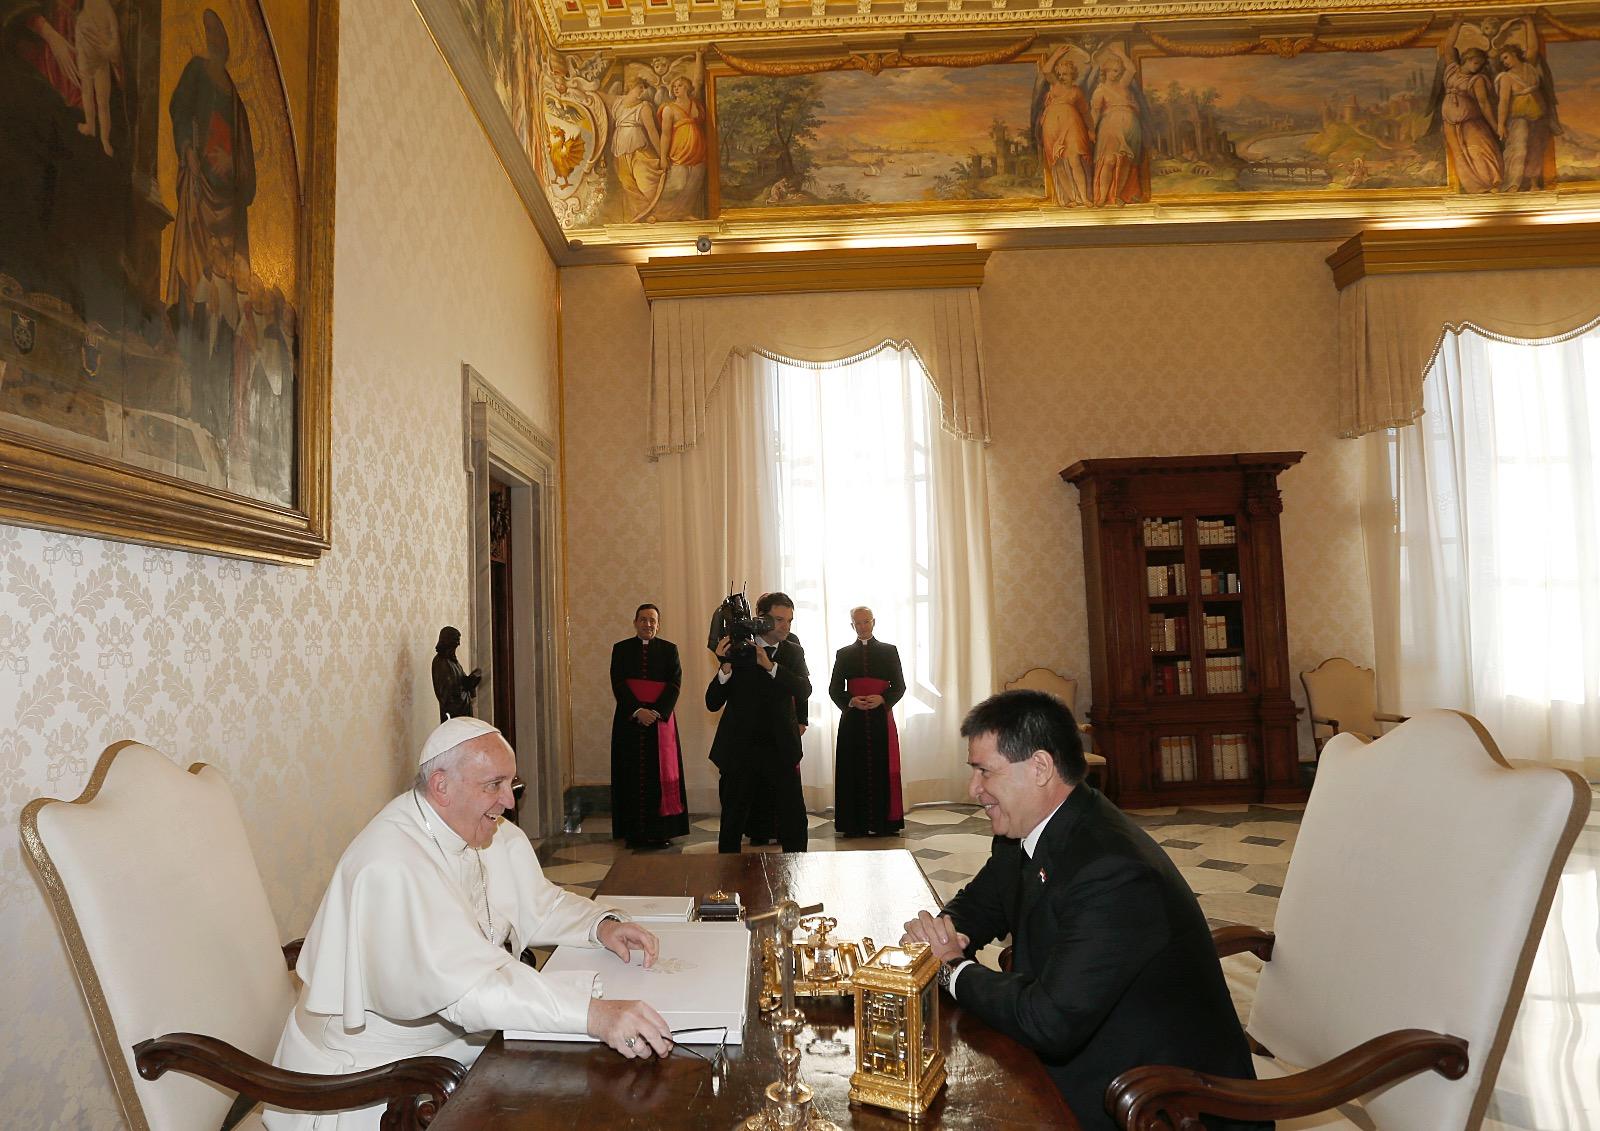 Cartes-se-reune-con-el-Papa-en-el-Vaticano-3